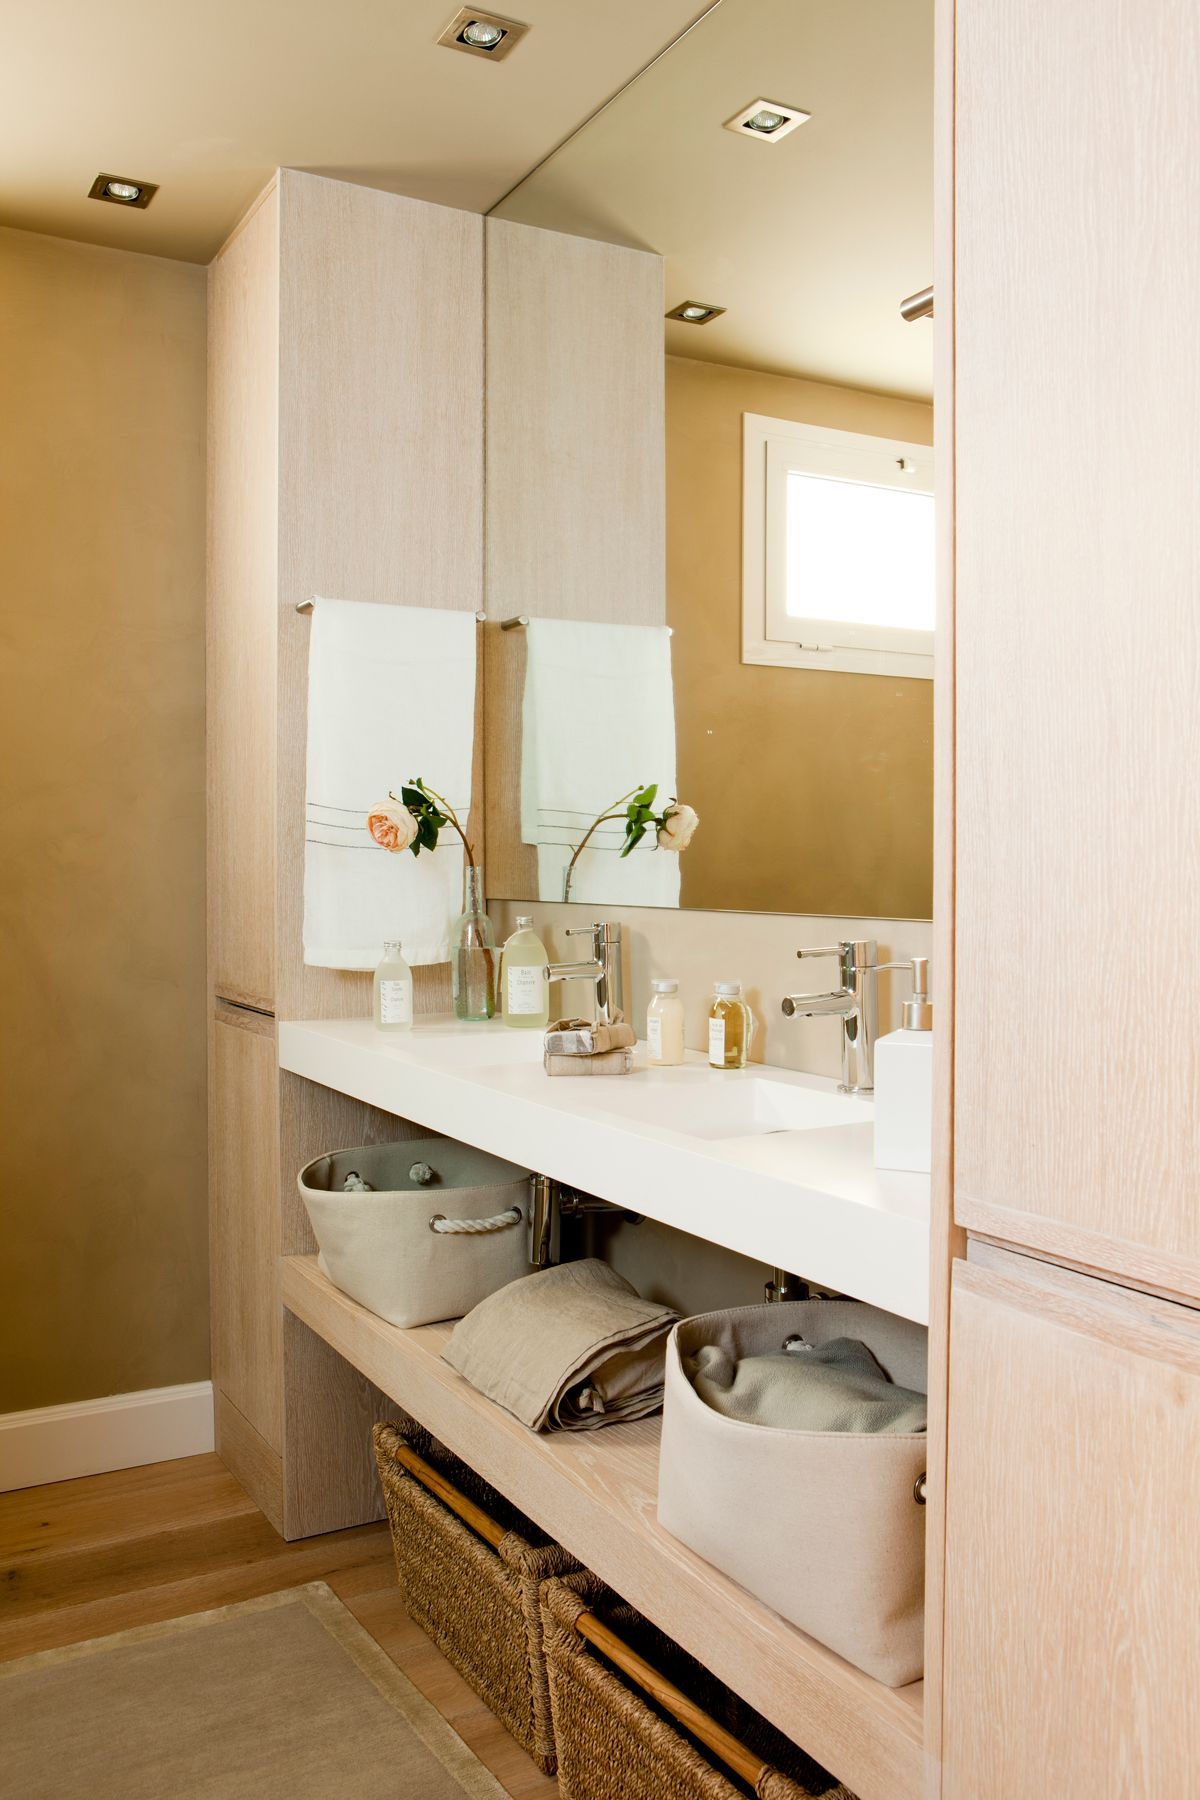 Mueble bajolavabo con caj n abierto de madera blanca y for Mueble bajo lavabo carrefour